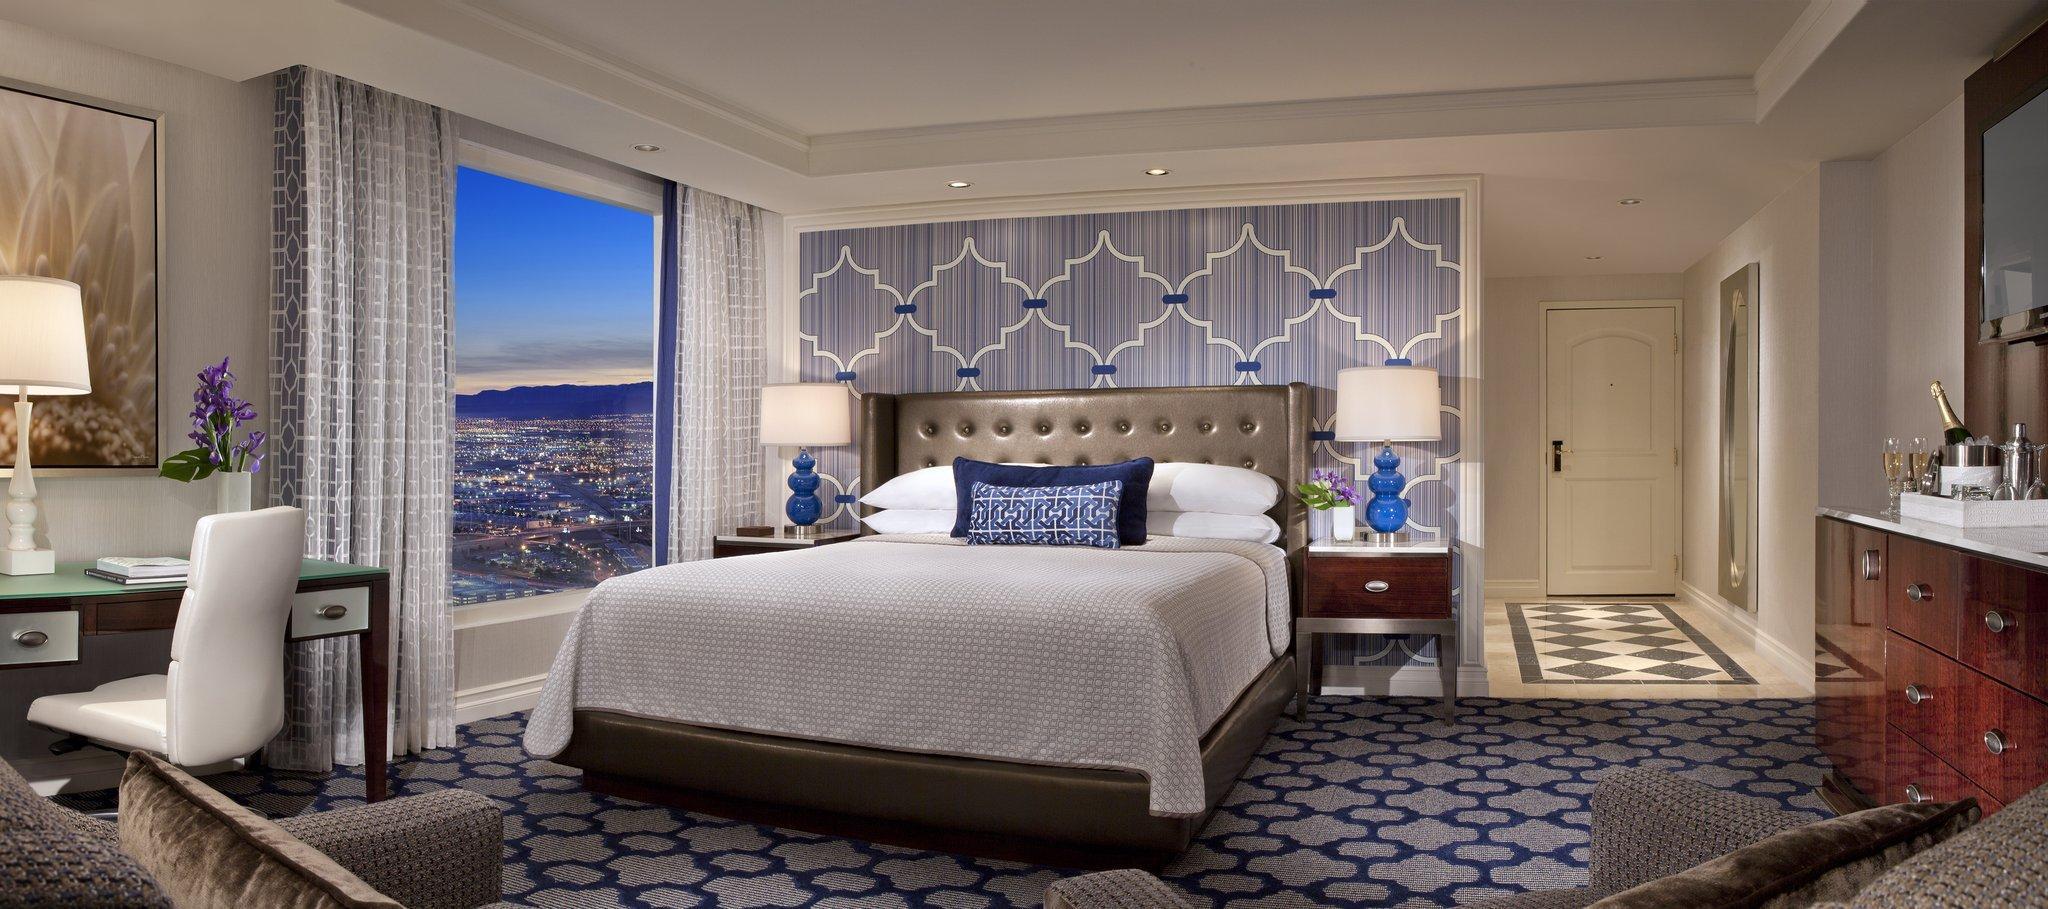 Bellagio Hotel Resort (Las Vegas (NV)) - Deals, Photos & Reviews